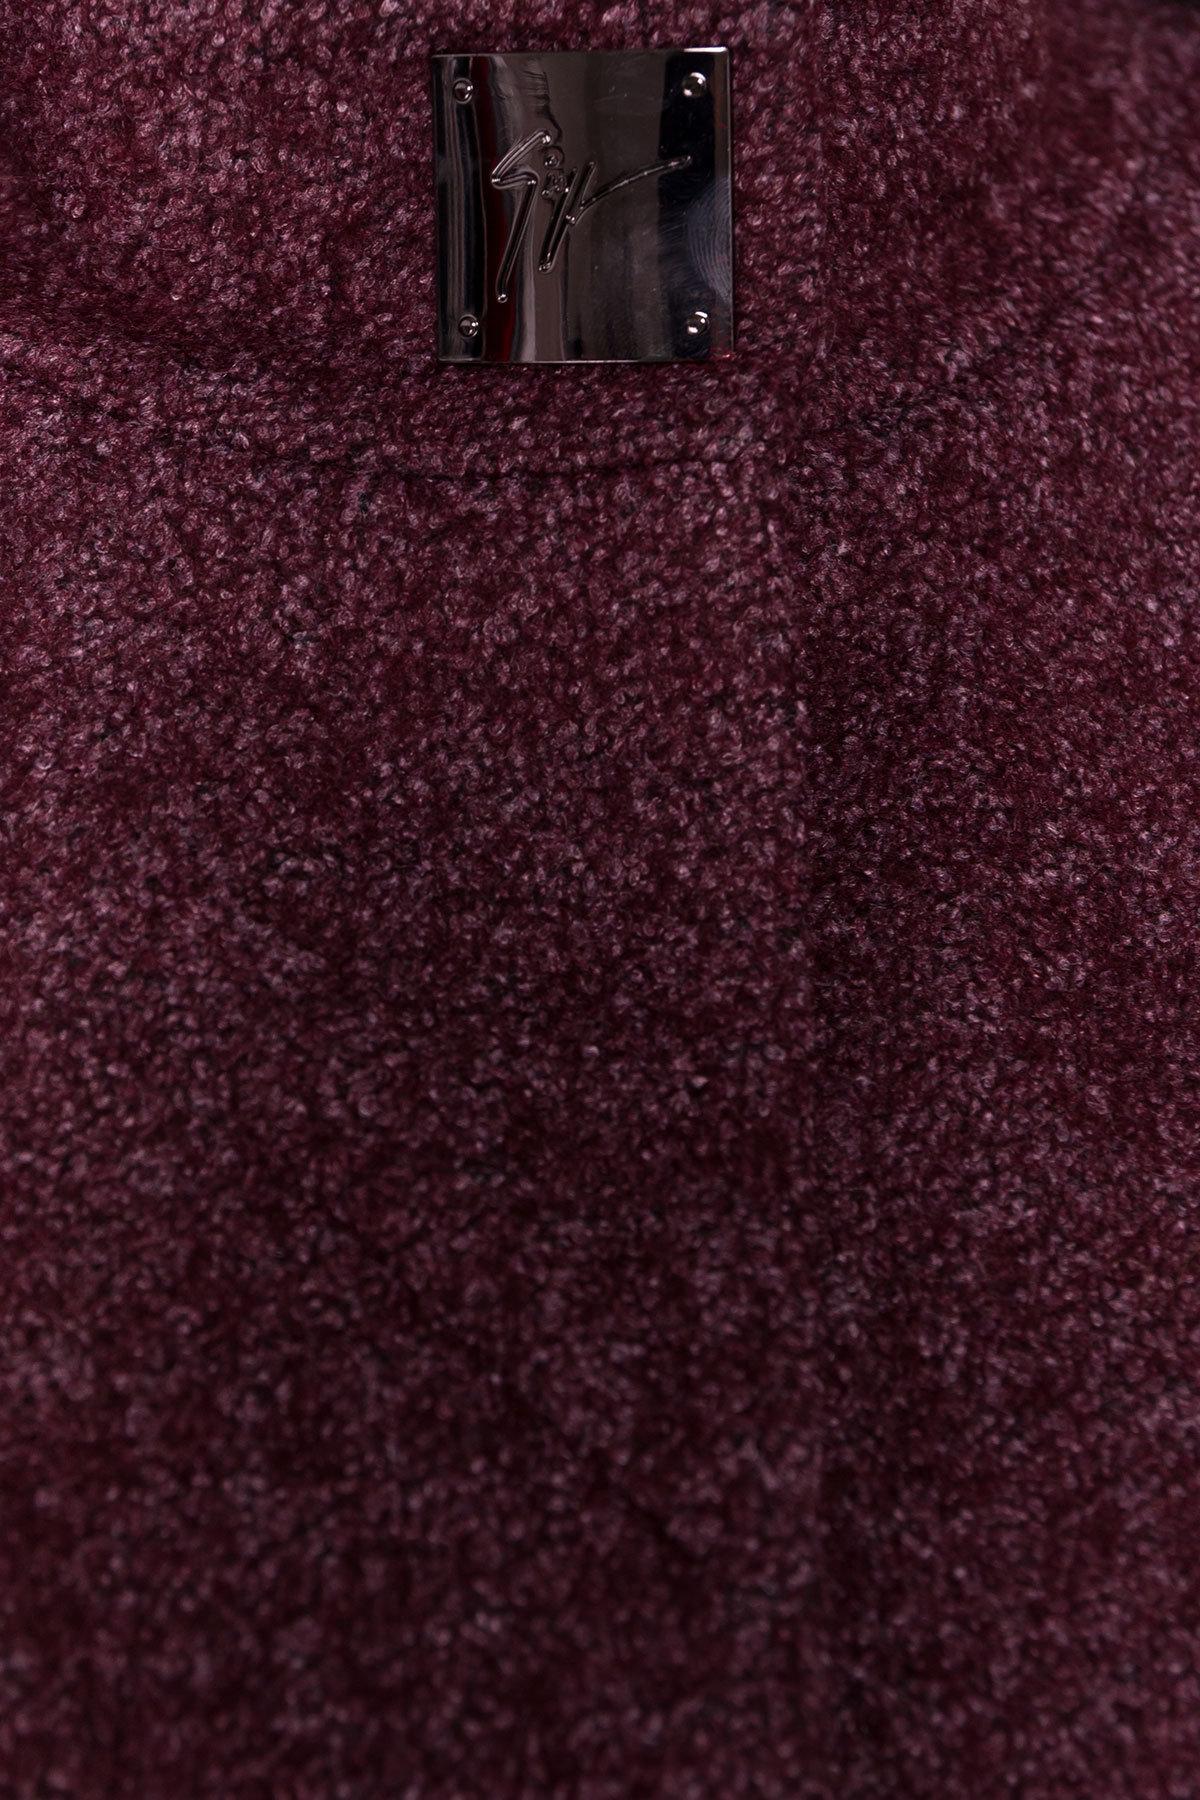 Пальто Сплит 1615 АРТ. 16640 Цвет: Марсала - фото 5, интернет магазин tm-modus.ru